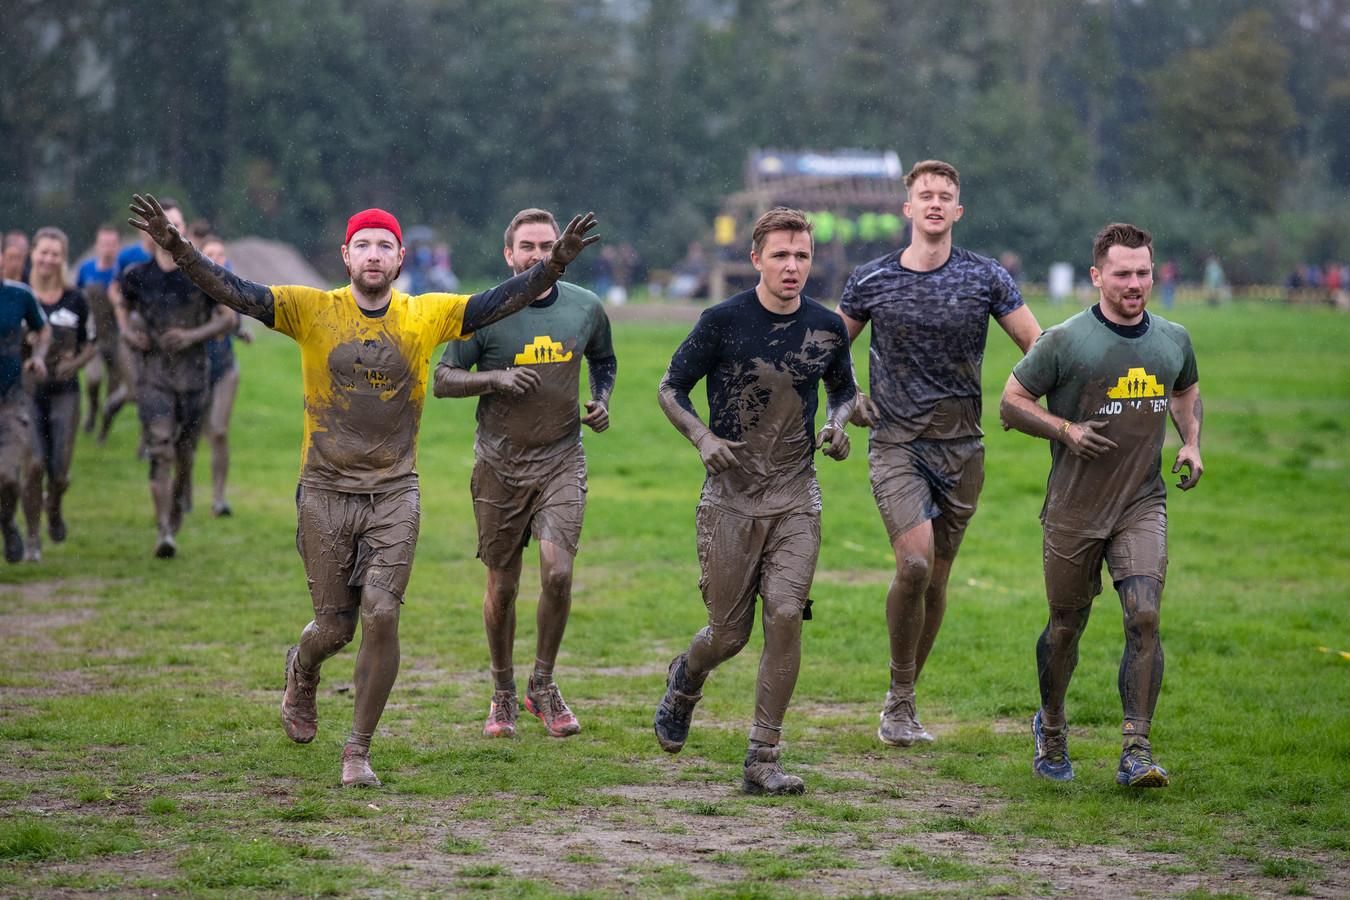 Na een hindernis met blubber renden de deelnemers door naar het volgende obstakel.